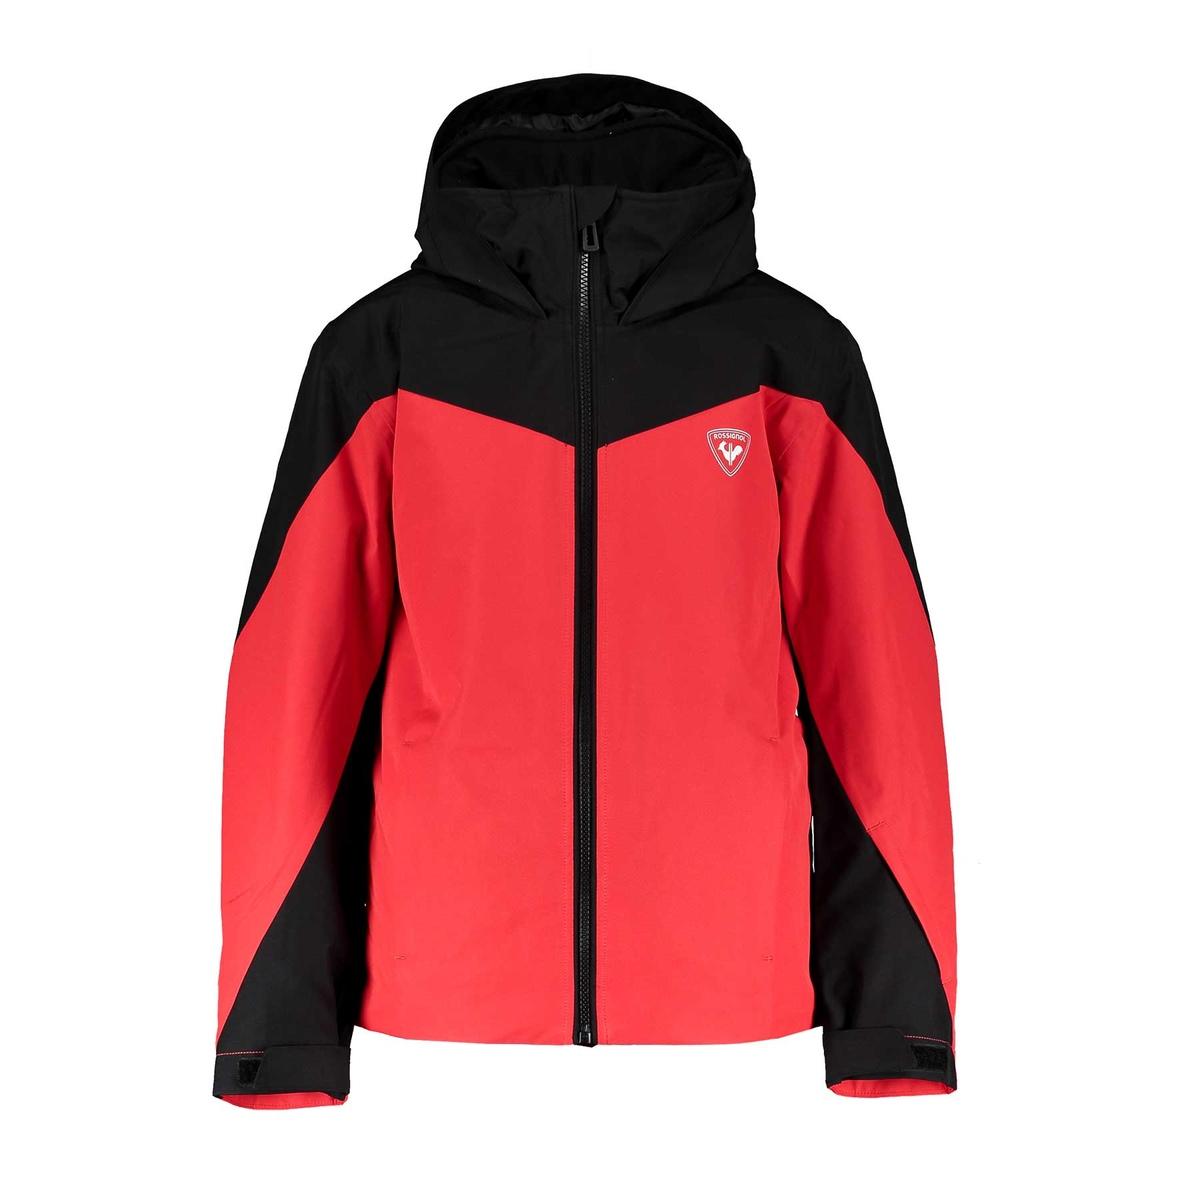 _PREMANUFACTURE_PRICE Rossignol completo giacca fonction +pantaloni ski bambino